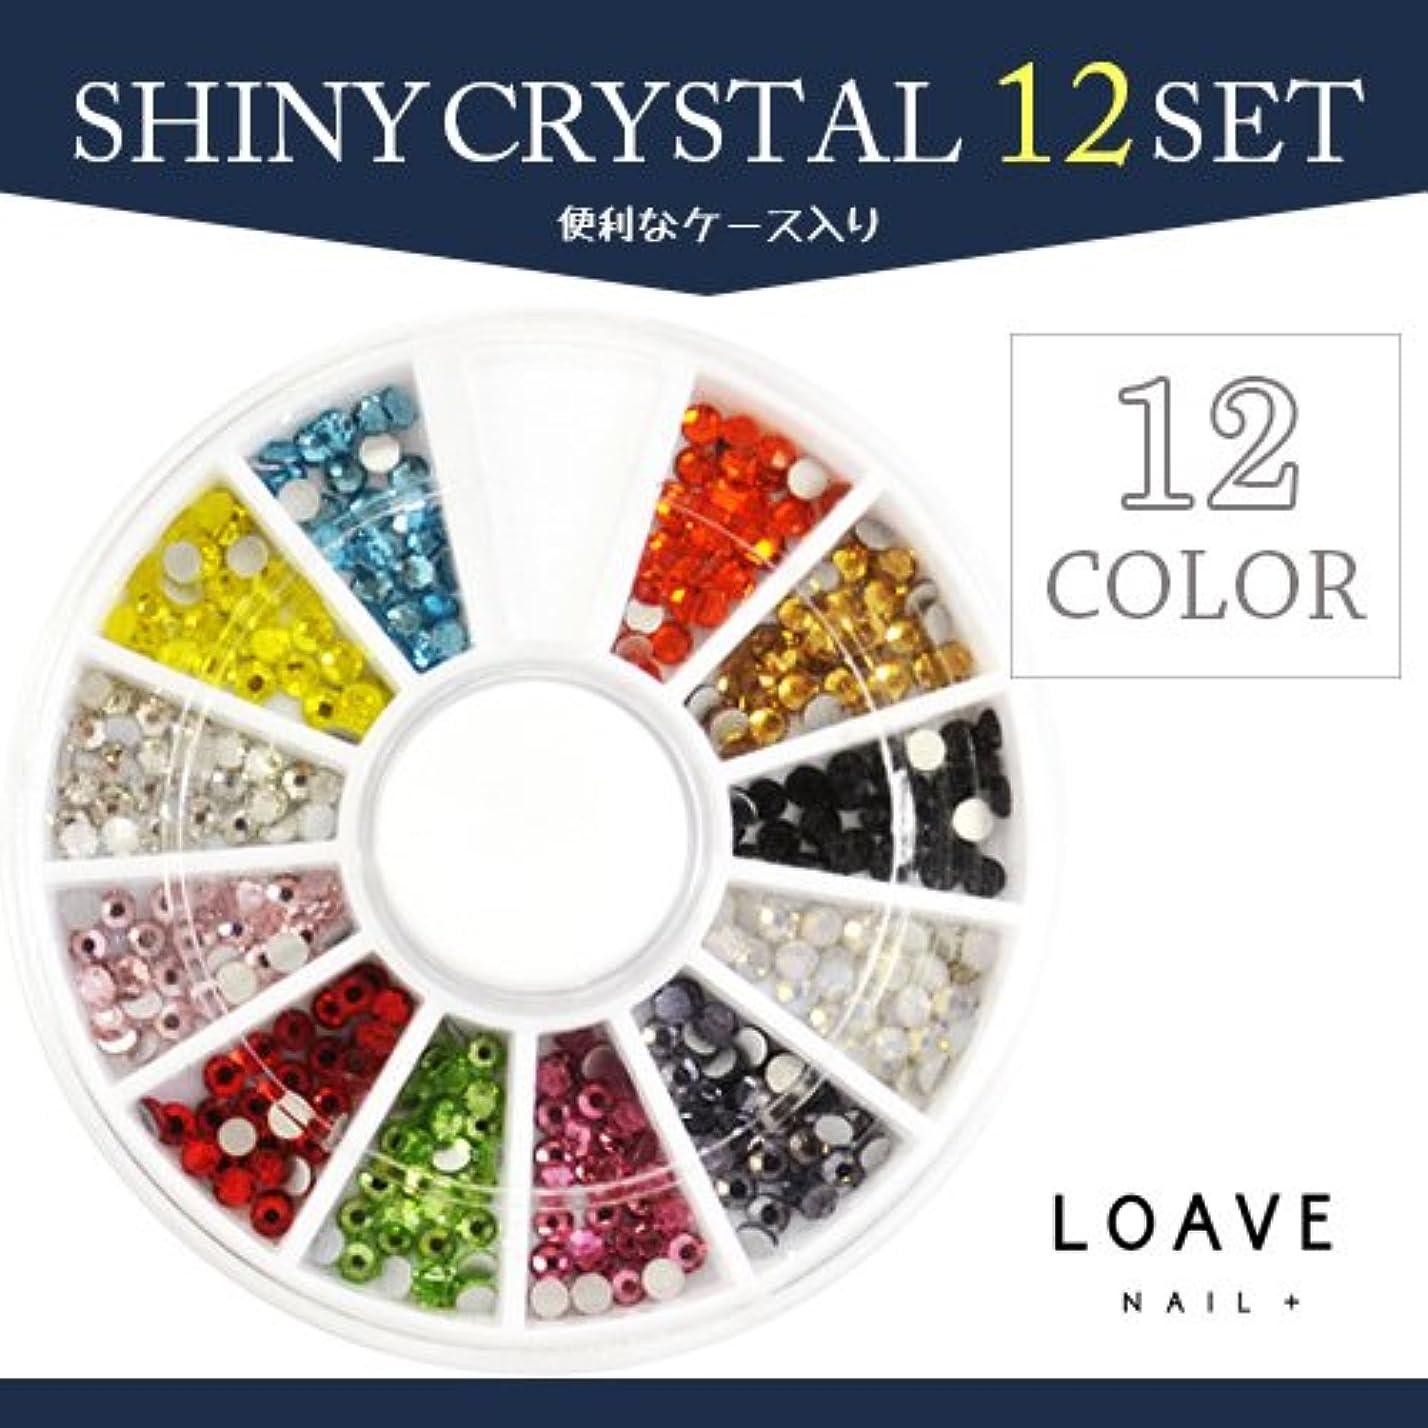 抑制誕生開発シャイニークリスタル ガラスラインストーン12色セット ss8 ネイルストーン